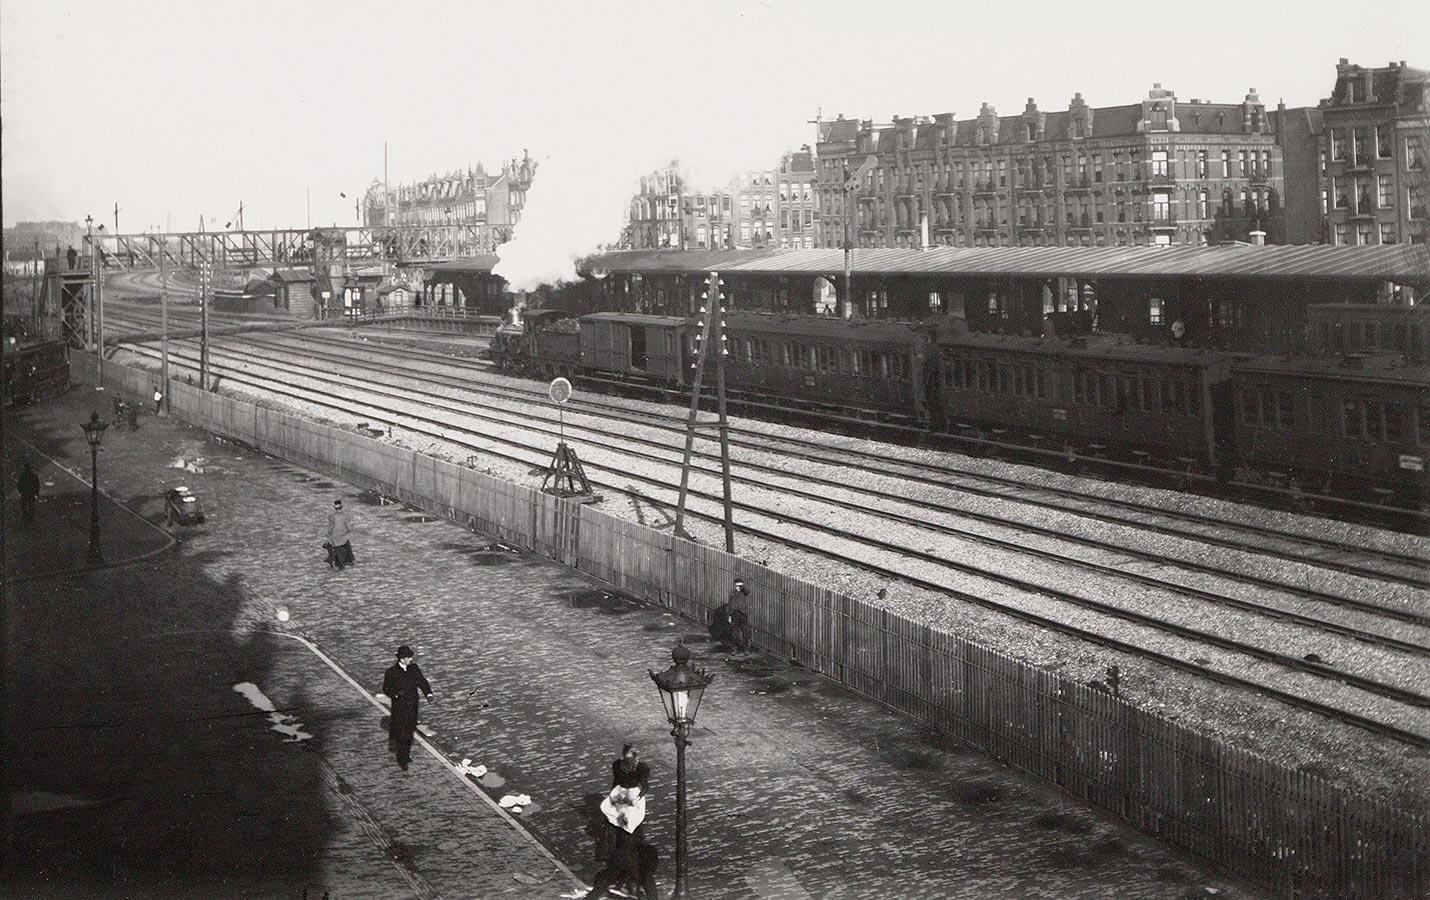 Oude Muiderpoortstation gezien richting Celebesstraat. Trein voor het perron, veel stoom uit locomotief